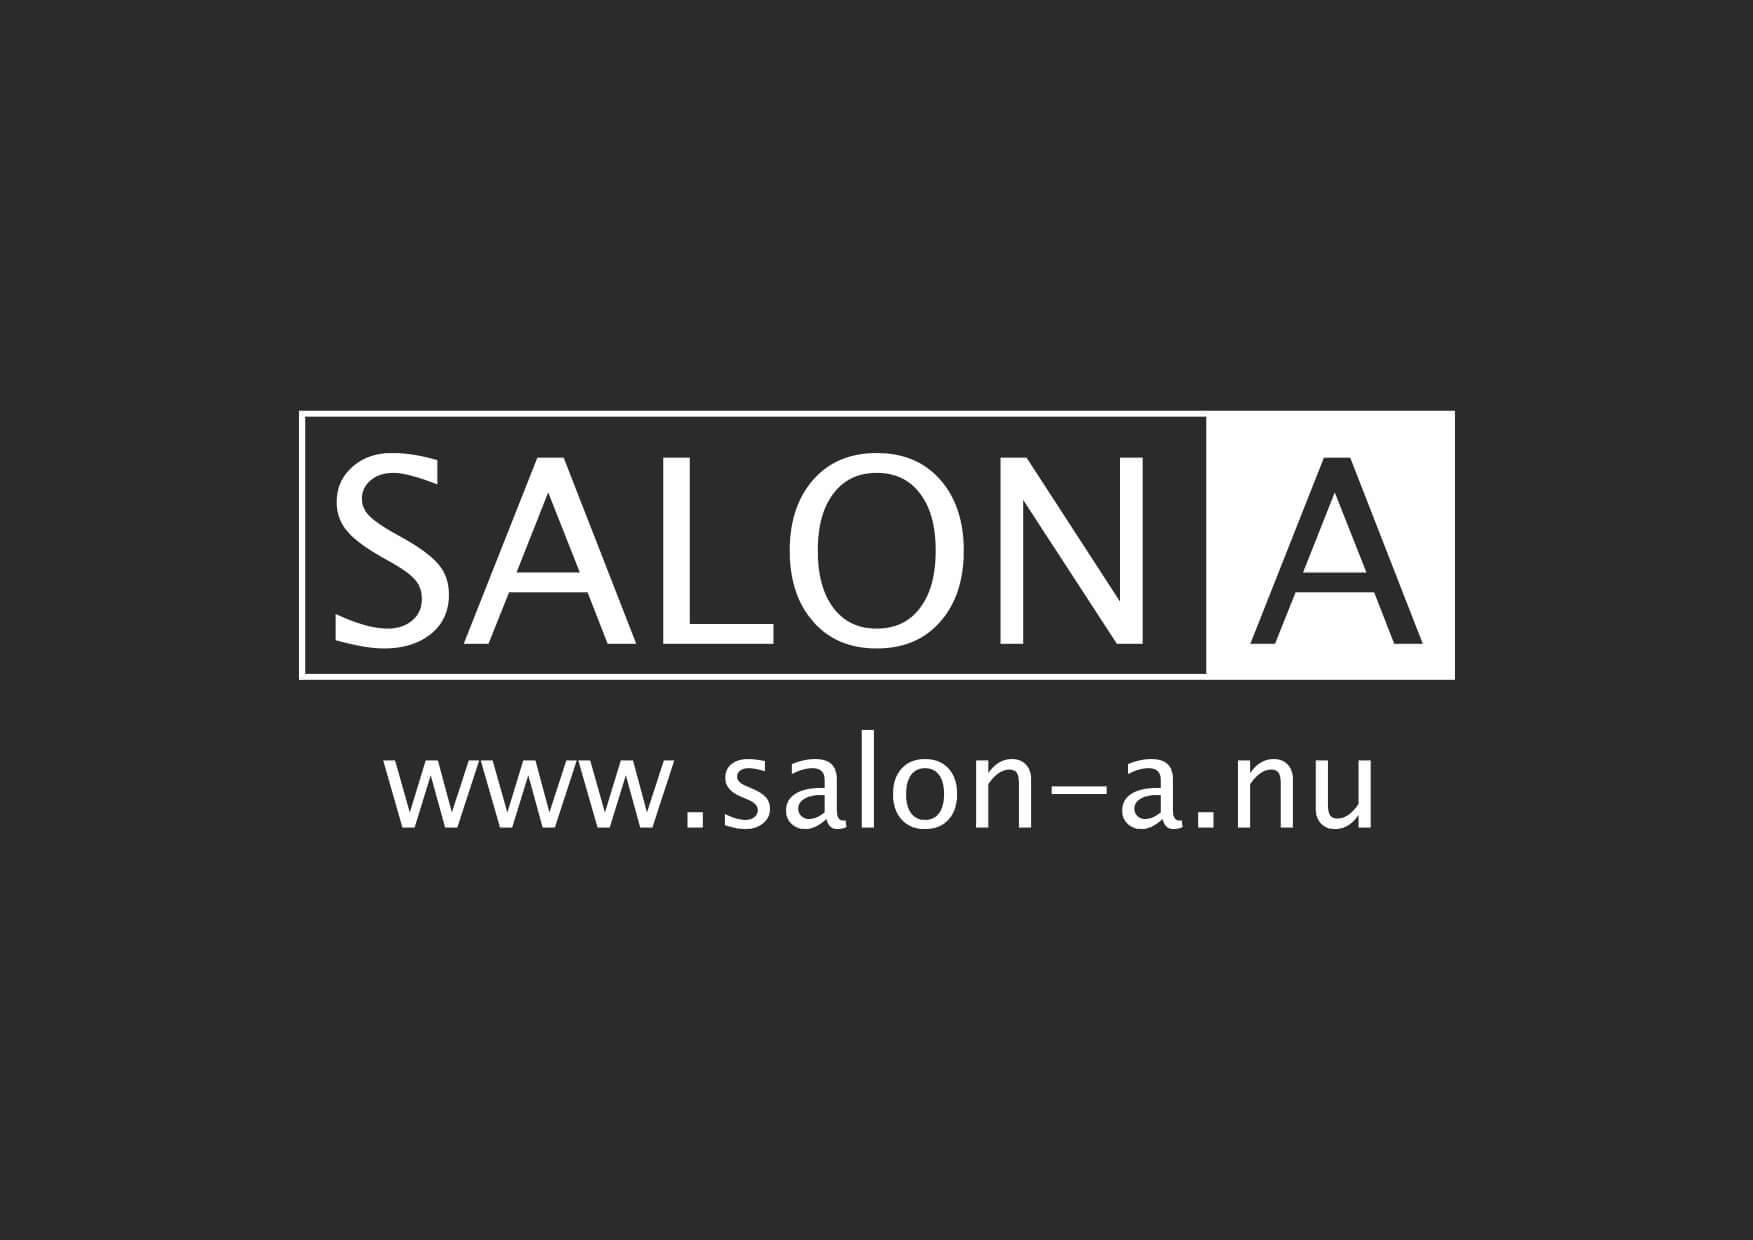 Salon-a